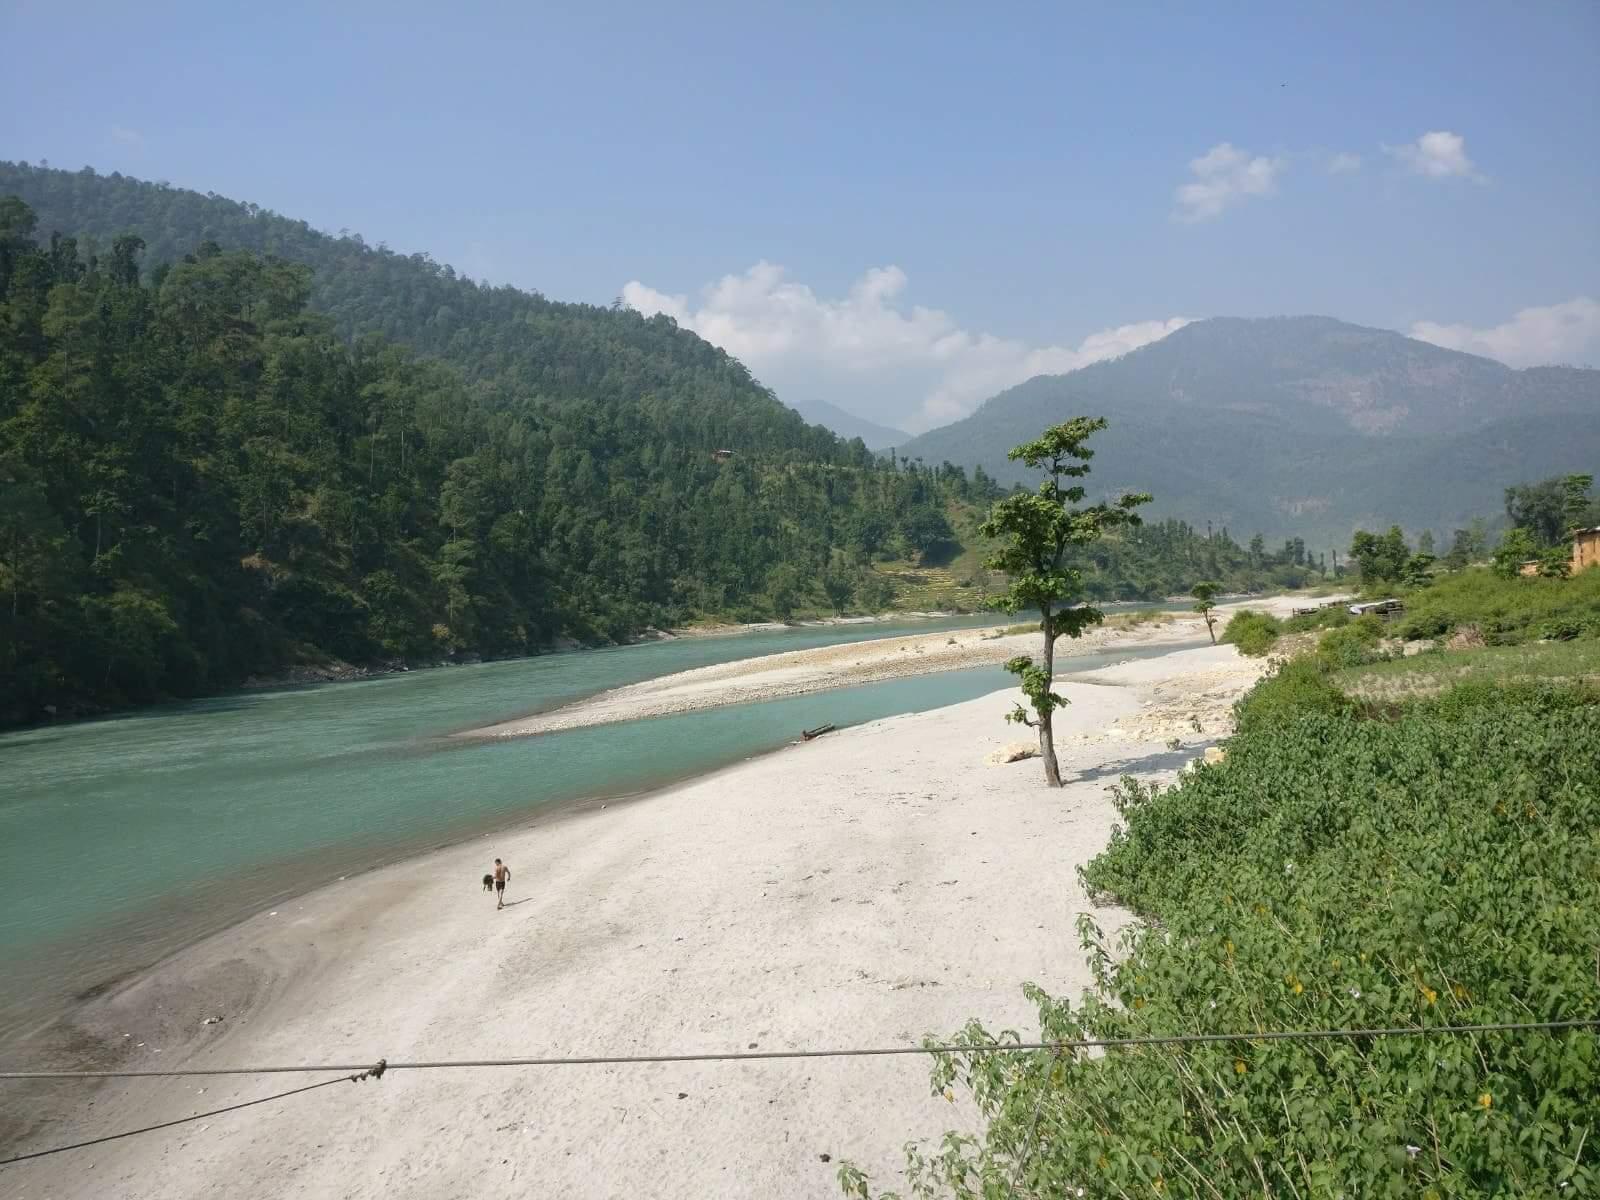 Karnali River at Dailekh